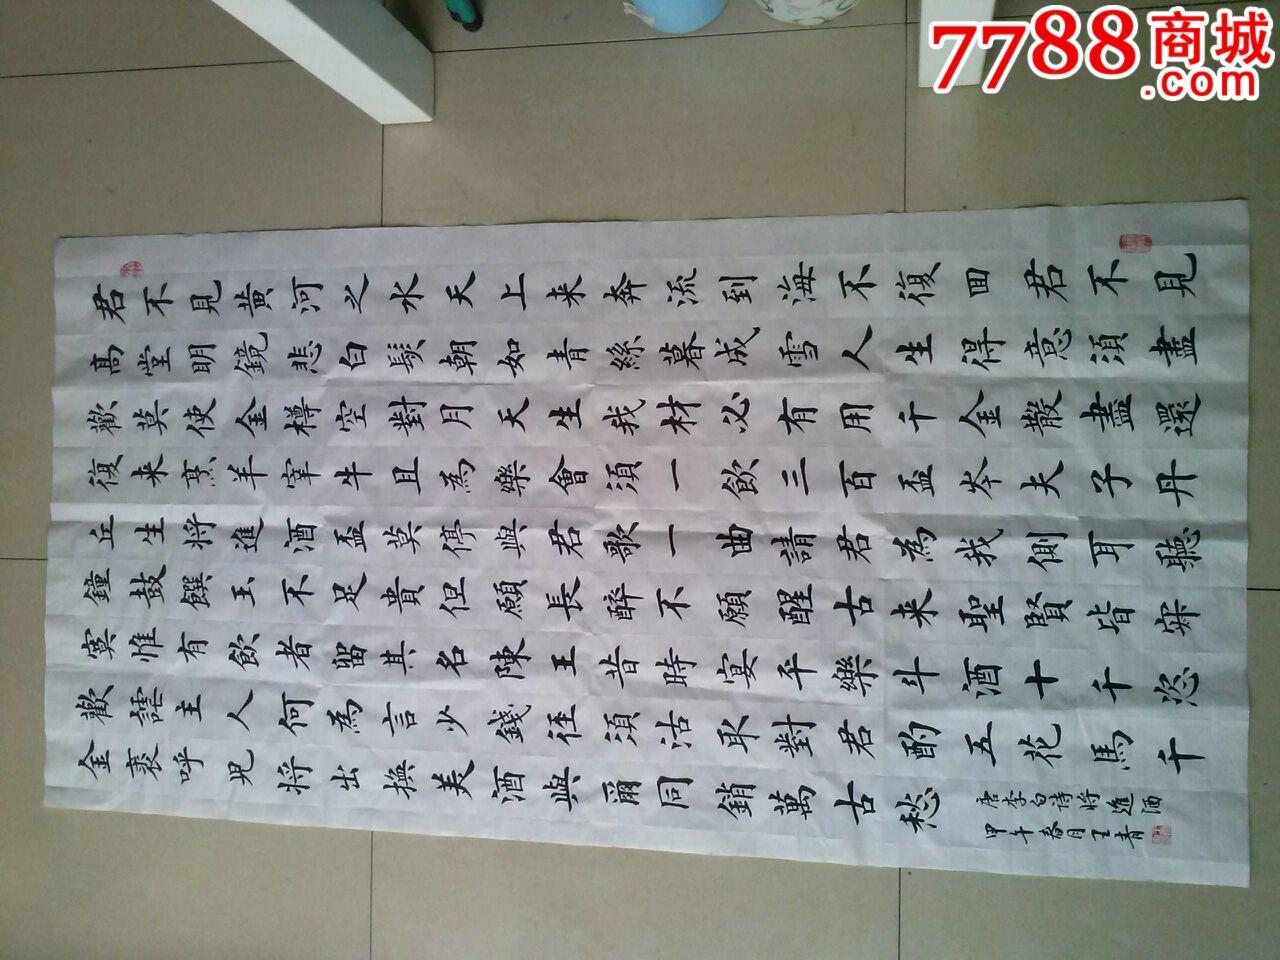 欧体楷书毛笔手写李白诗将进酒-价格:180元-se-书法原图片